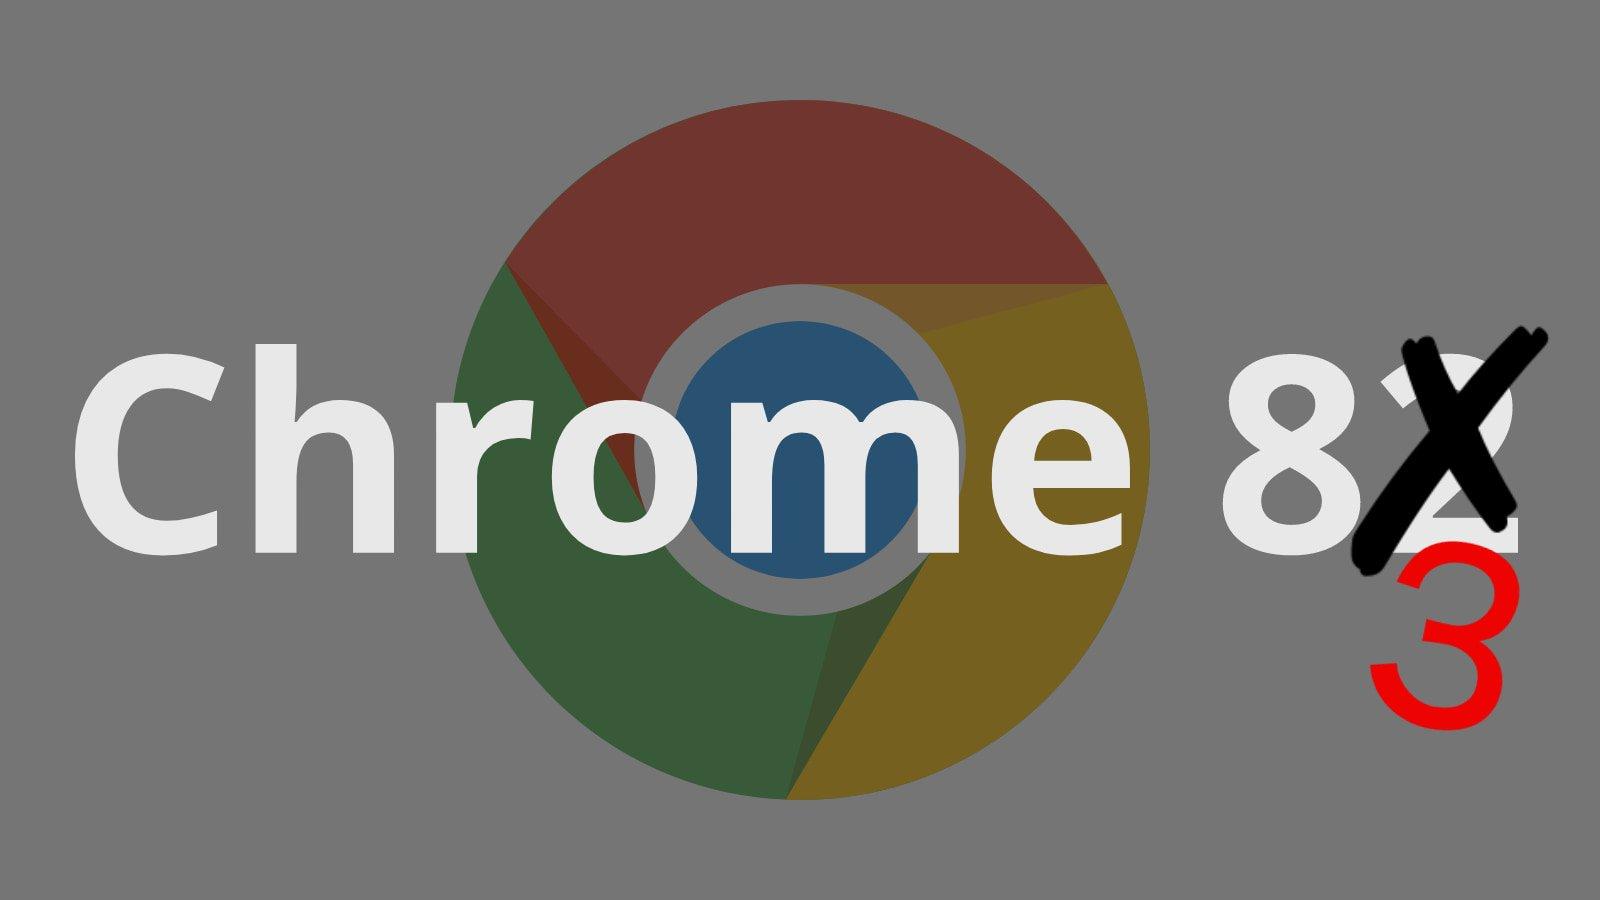 chrome 82 chrome 83